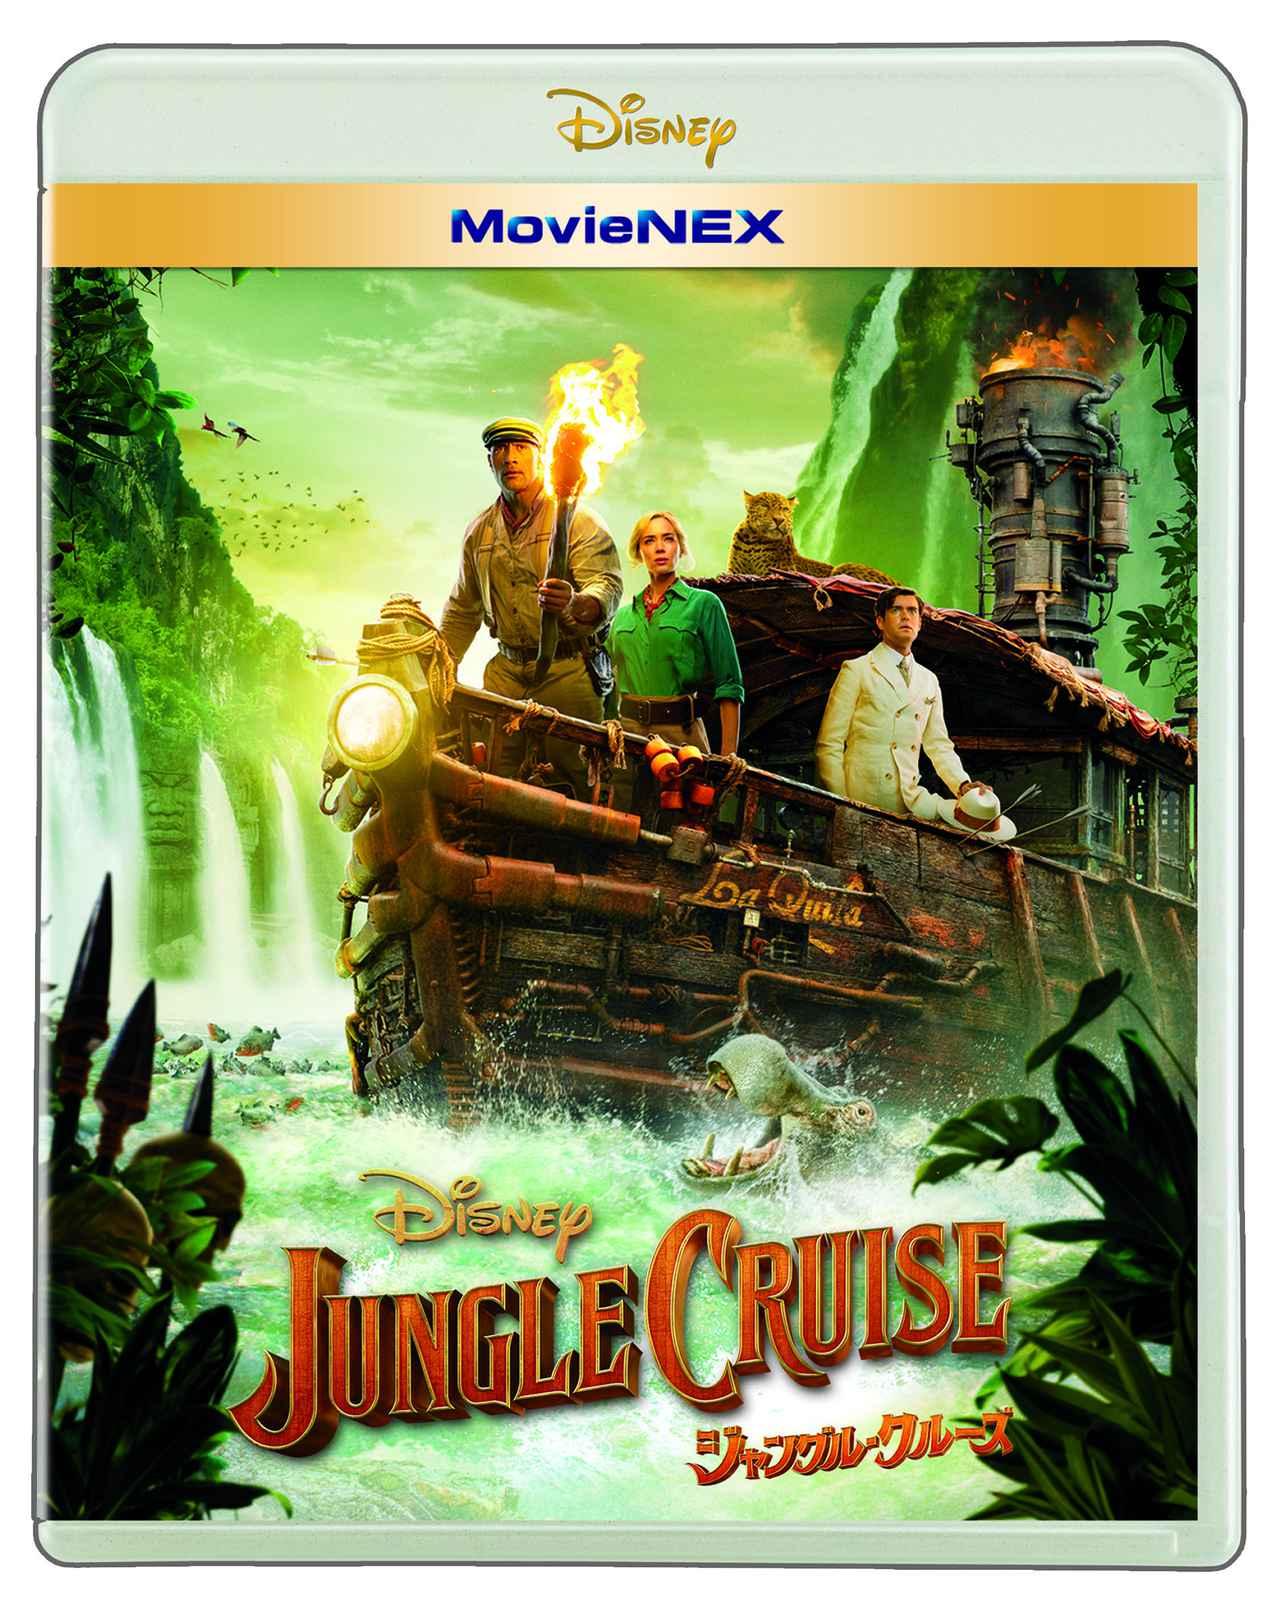 画像: 『ジャングル・クルーズ』MovieNEXが10月6日に発売決定。ボーナス・コンテンツ「アマゾンを造る」の一部が公開